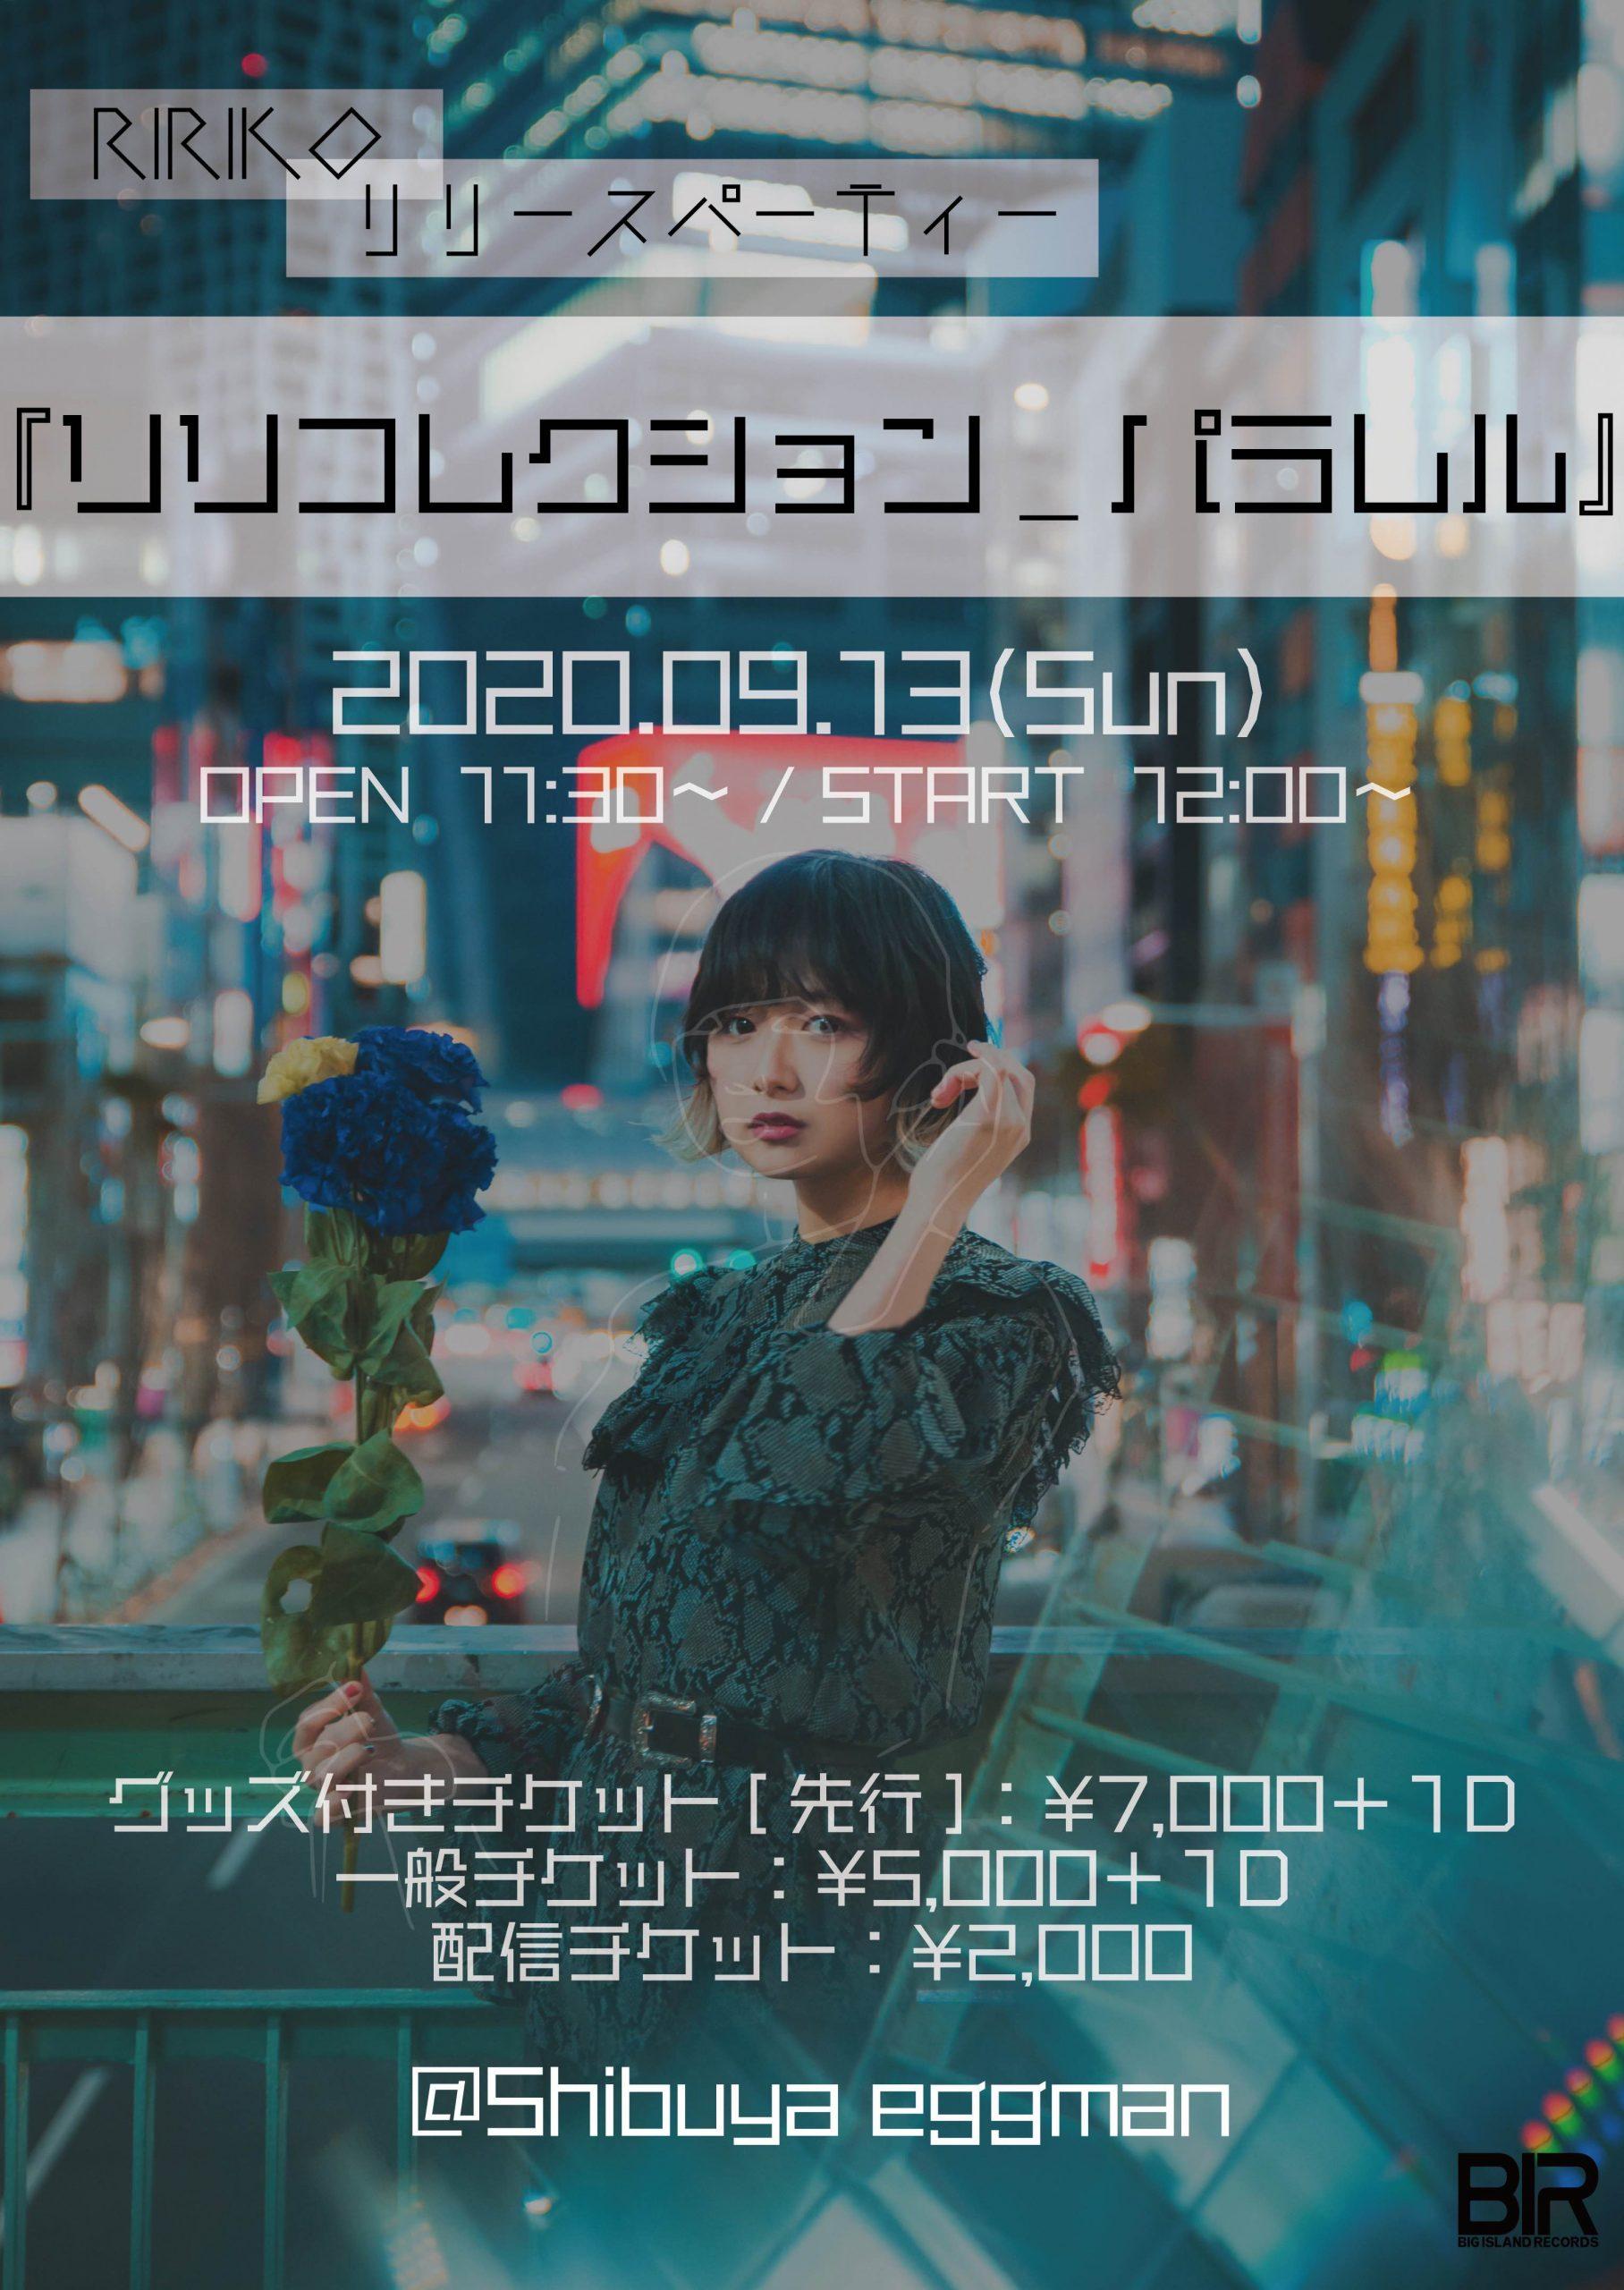 RIRIKOリリースパーティー「リリコレクション_パラレル」